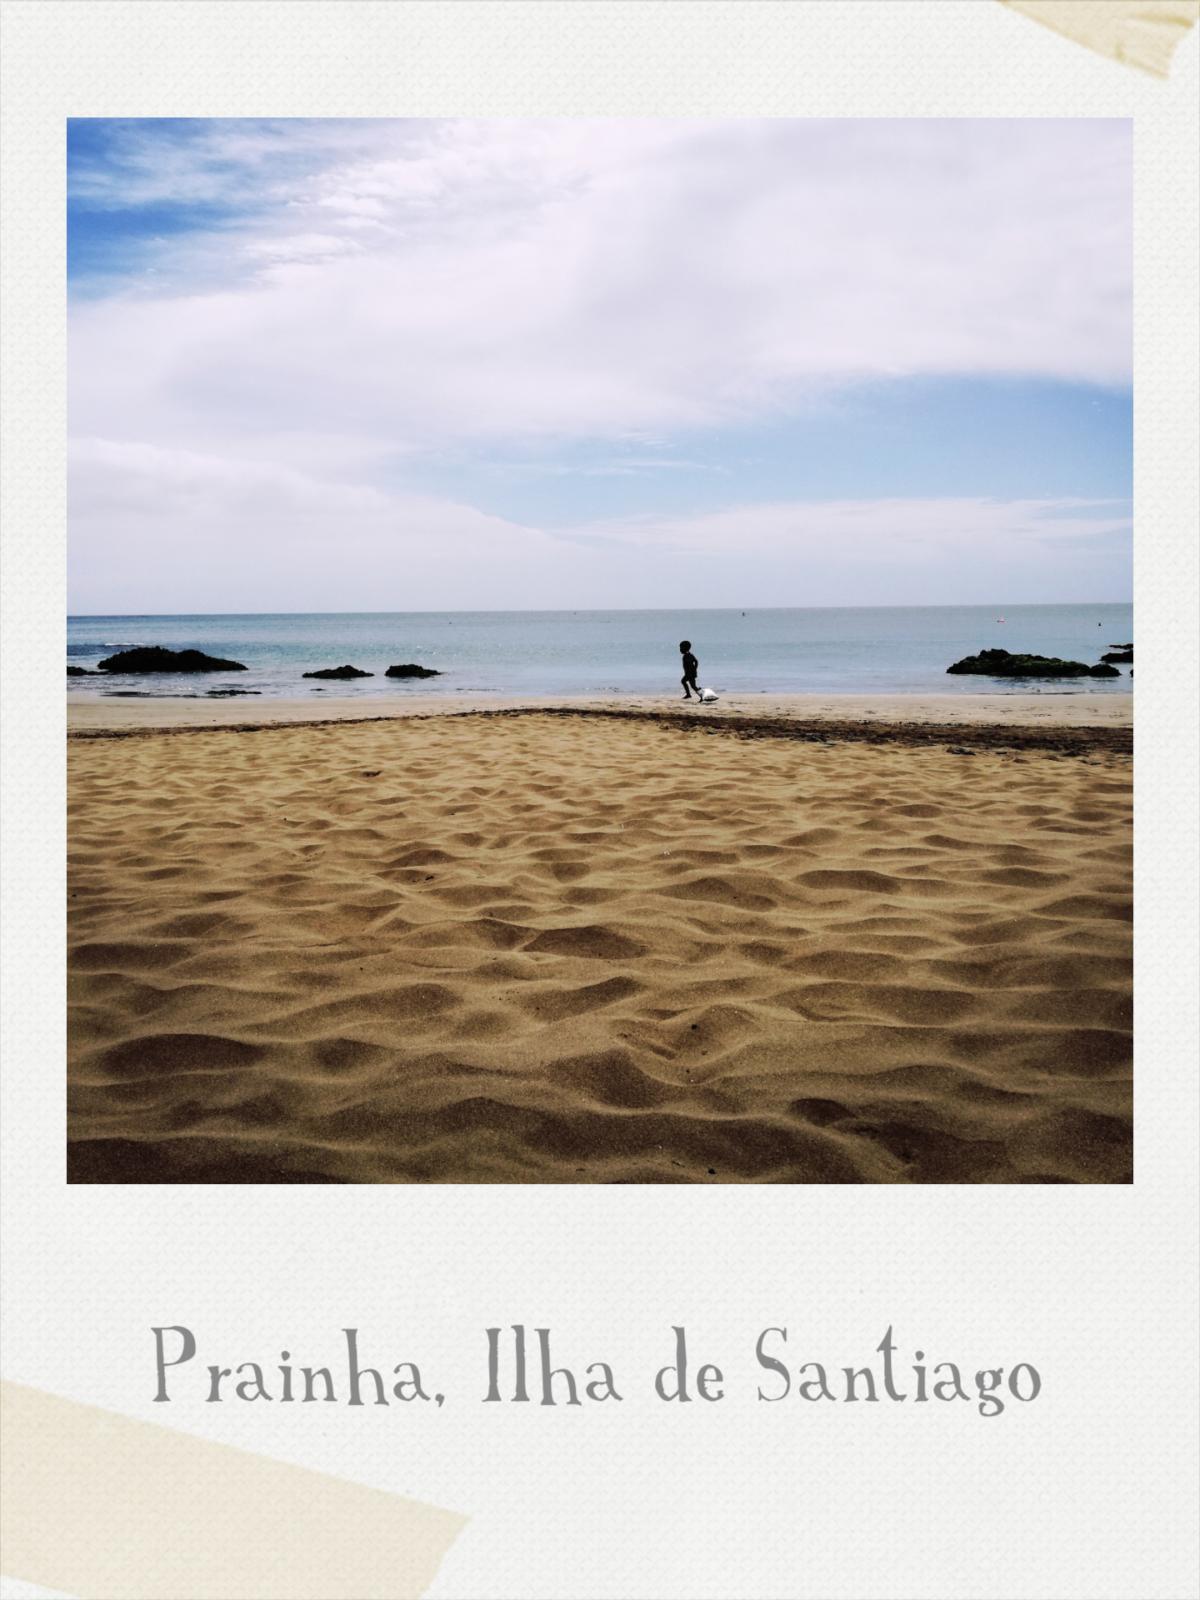 Prainha _ Ilha de Santiago, 5 febbraio